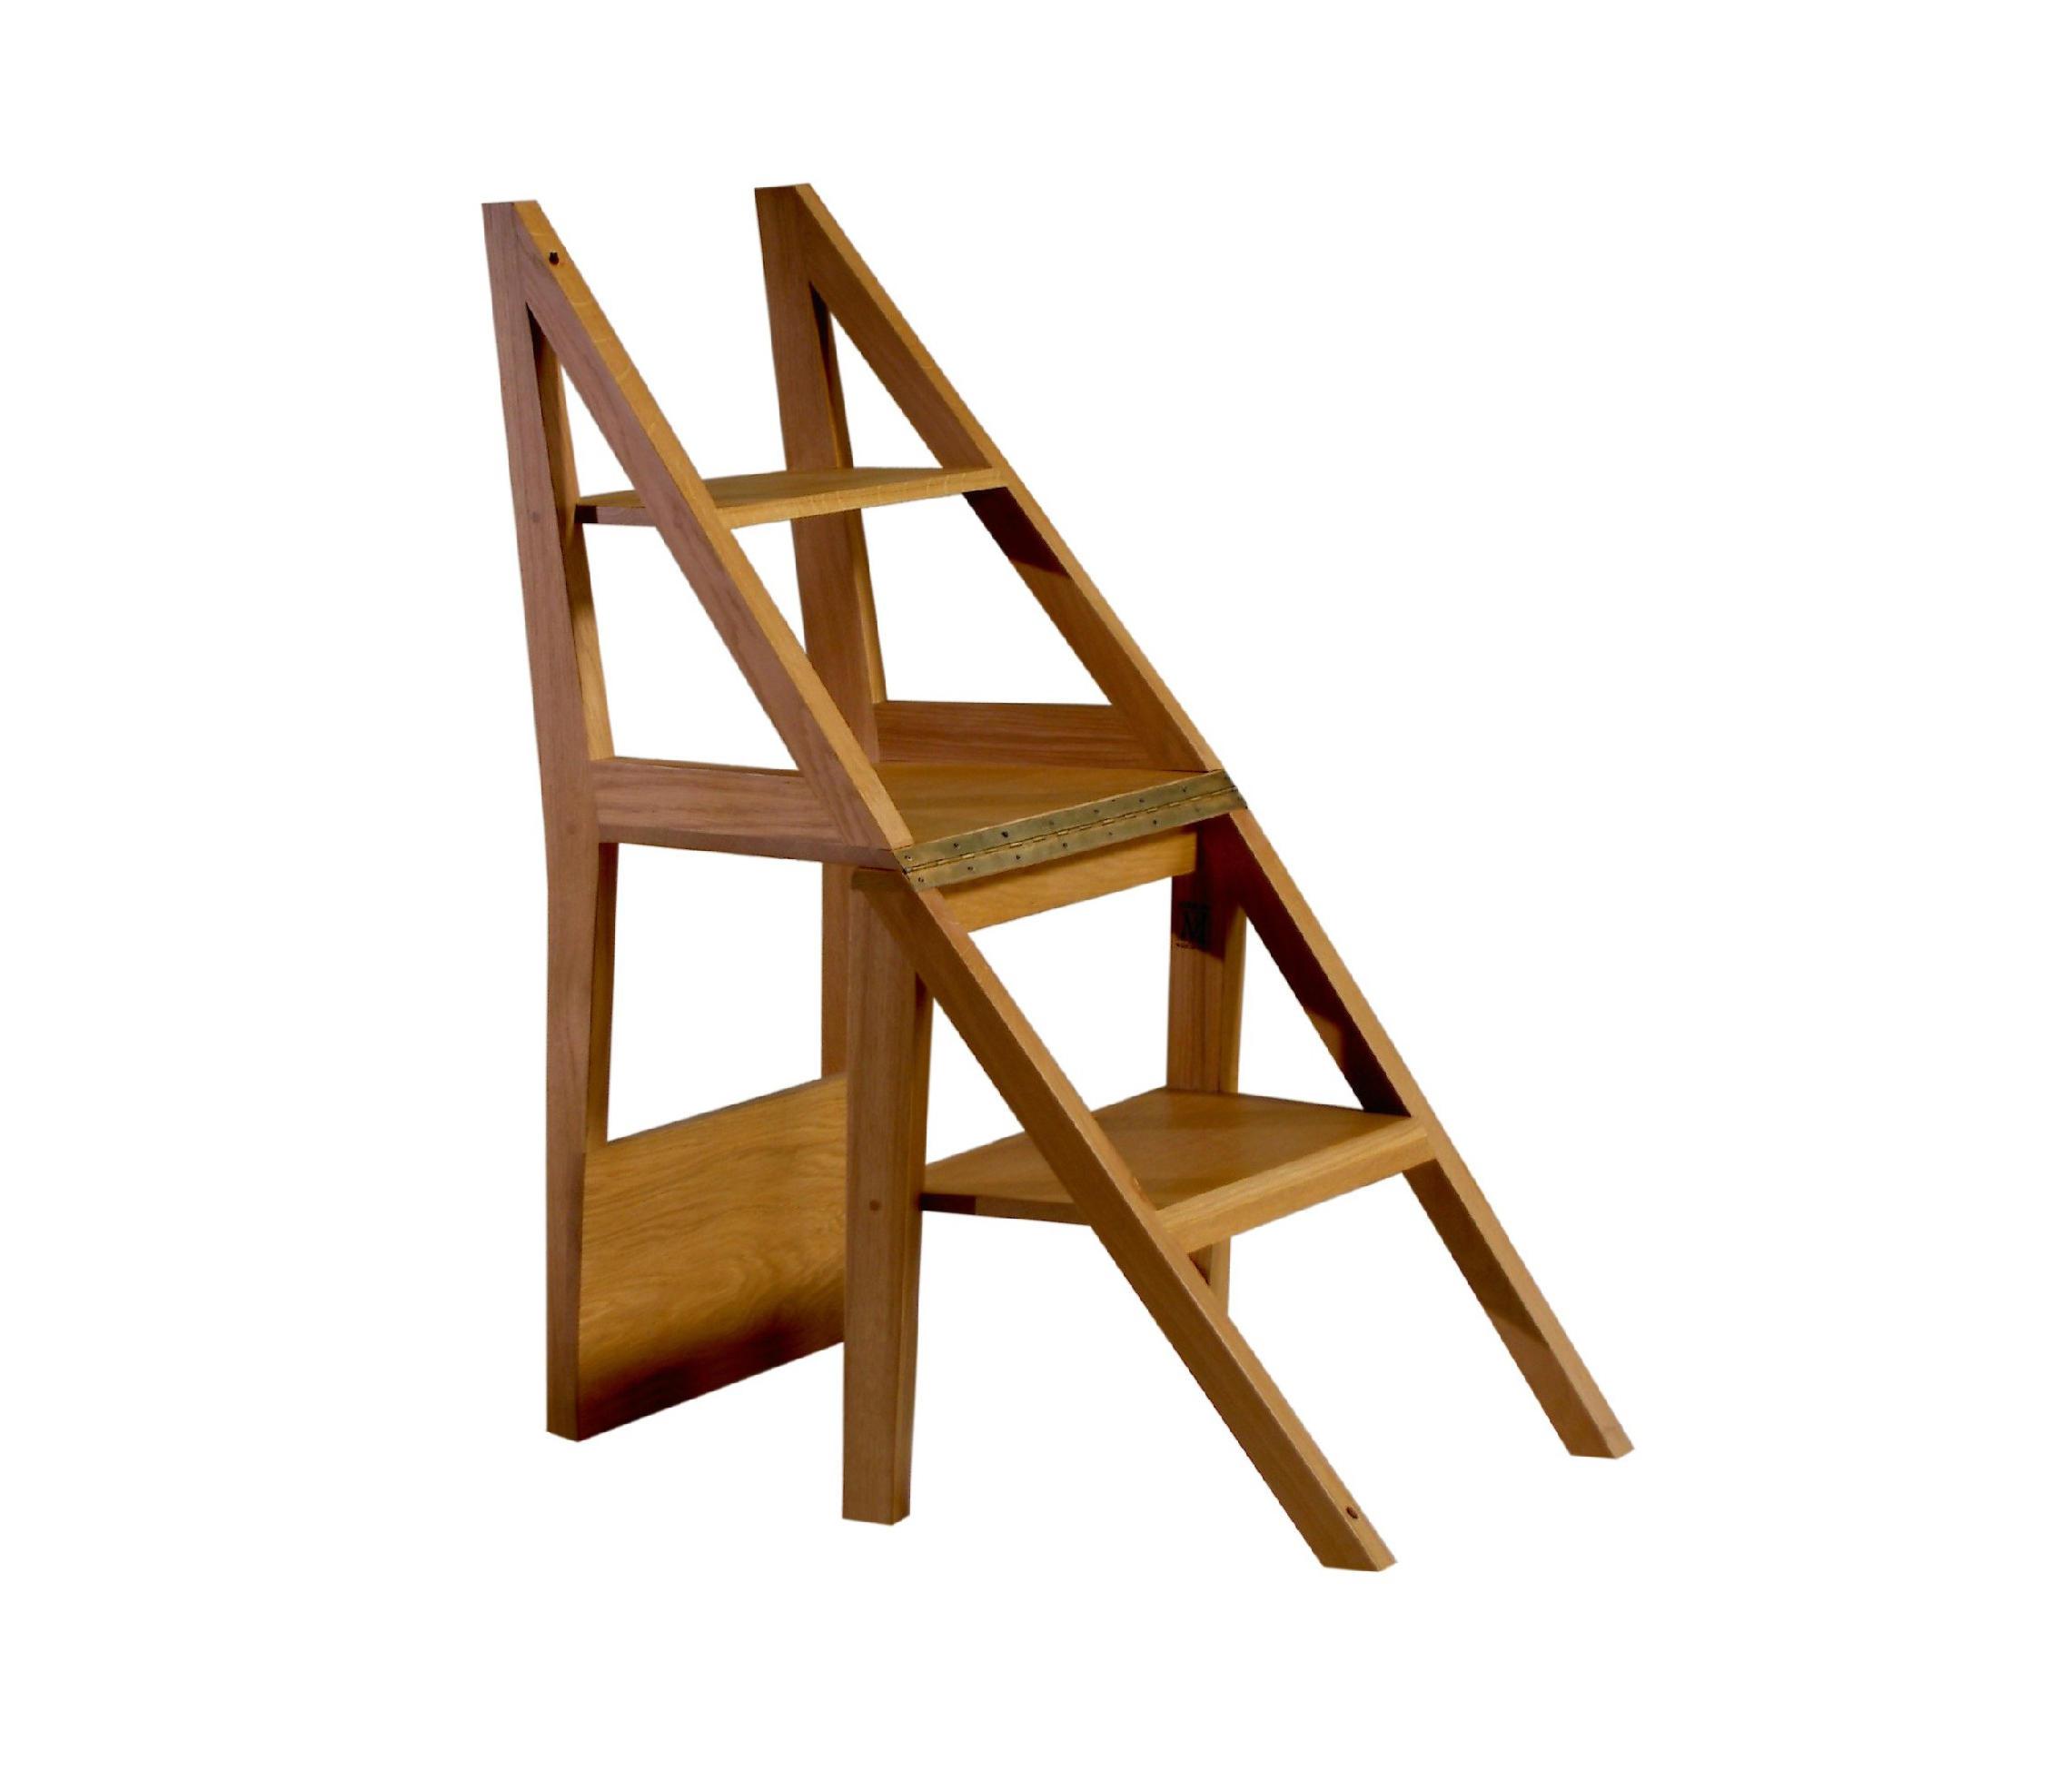 Как сделать деревянную стремянку своими руками - пошаговая